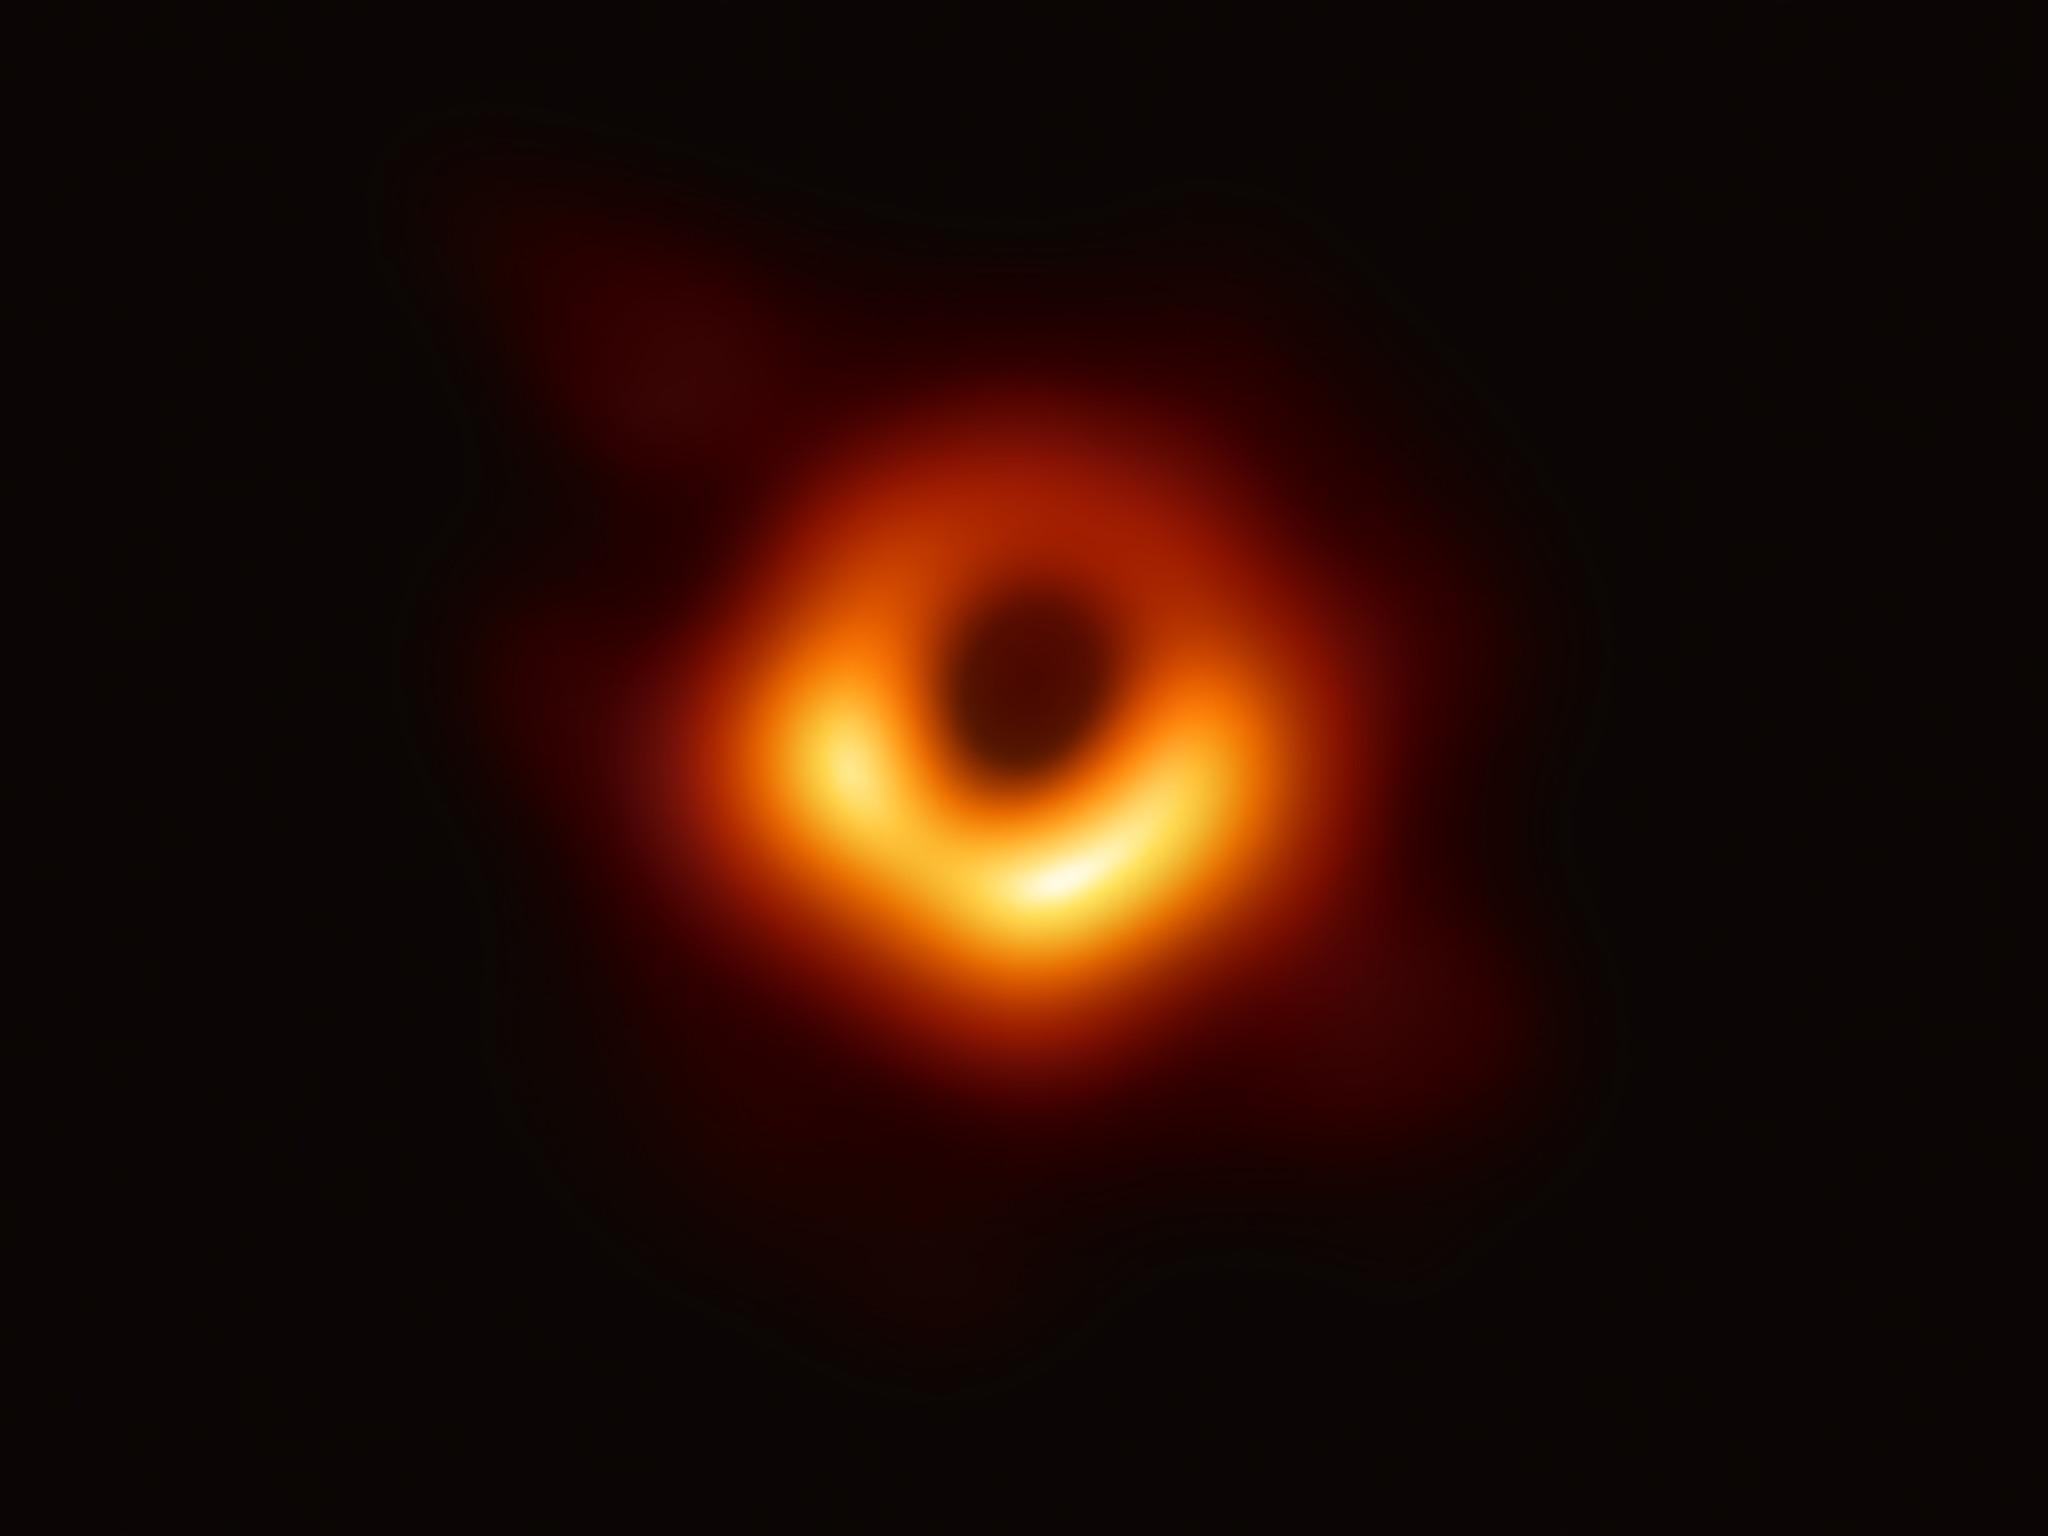 Le prime immagini di un buco nero, segui in diretta streaming l'evento